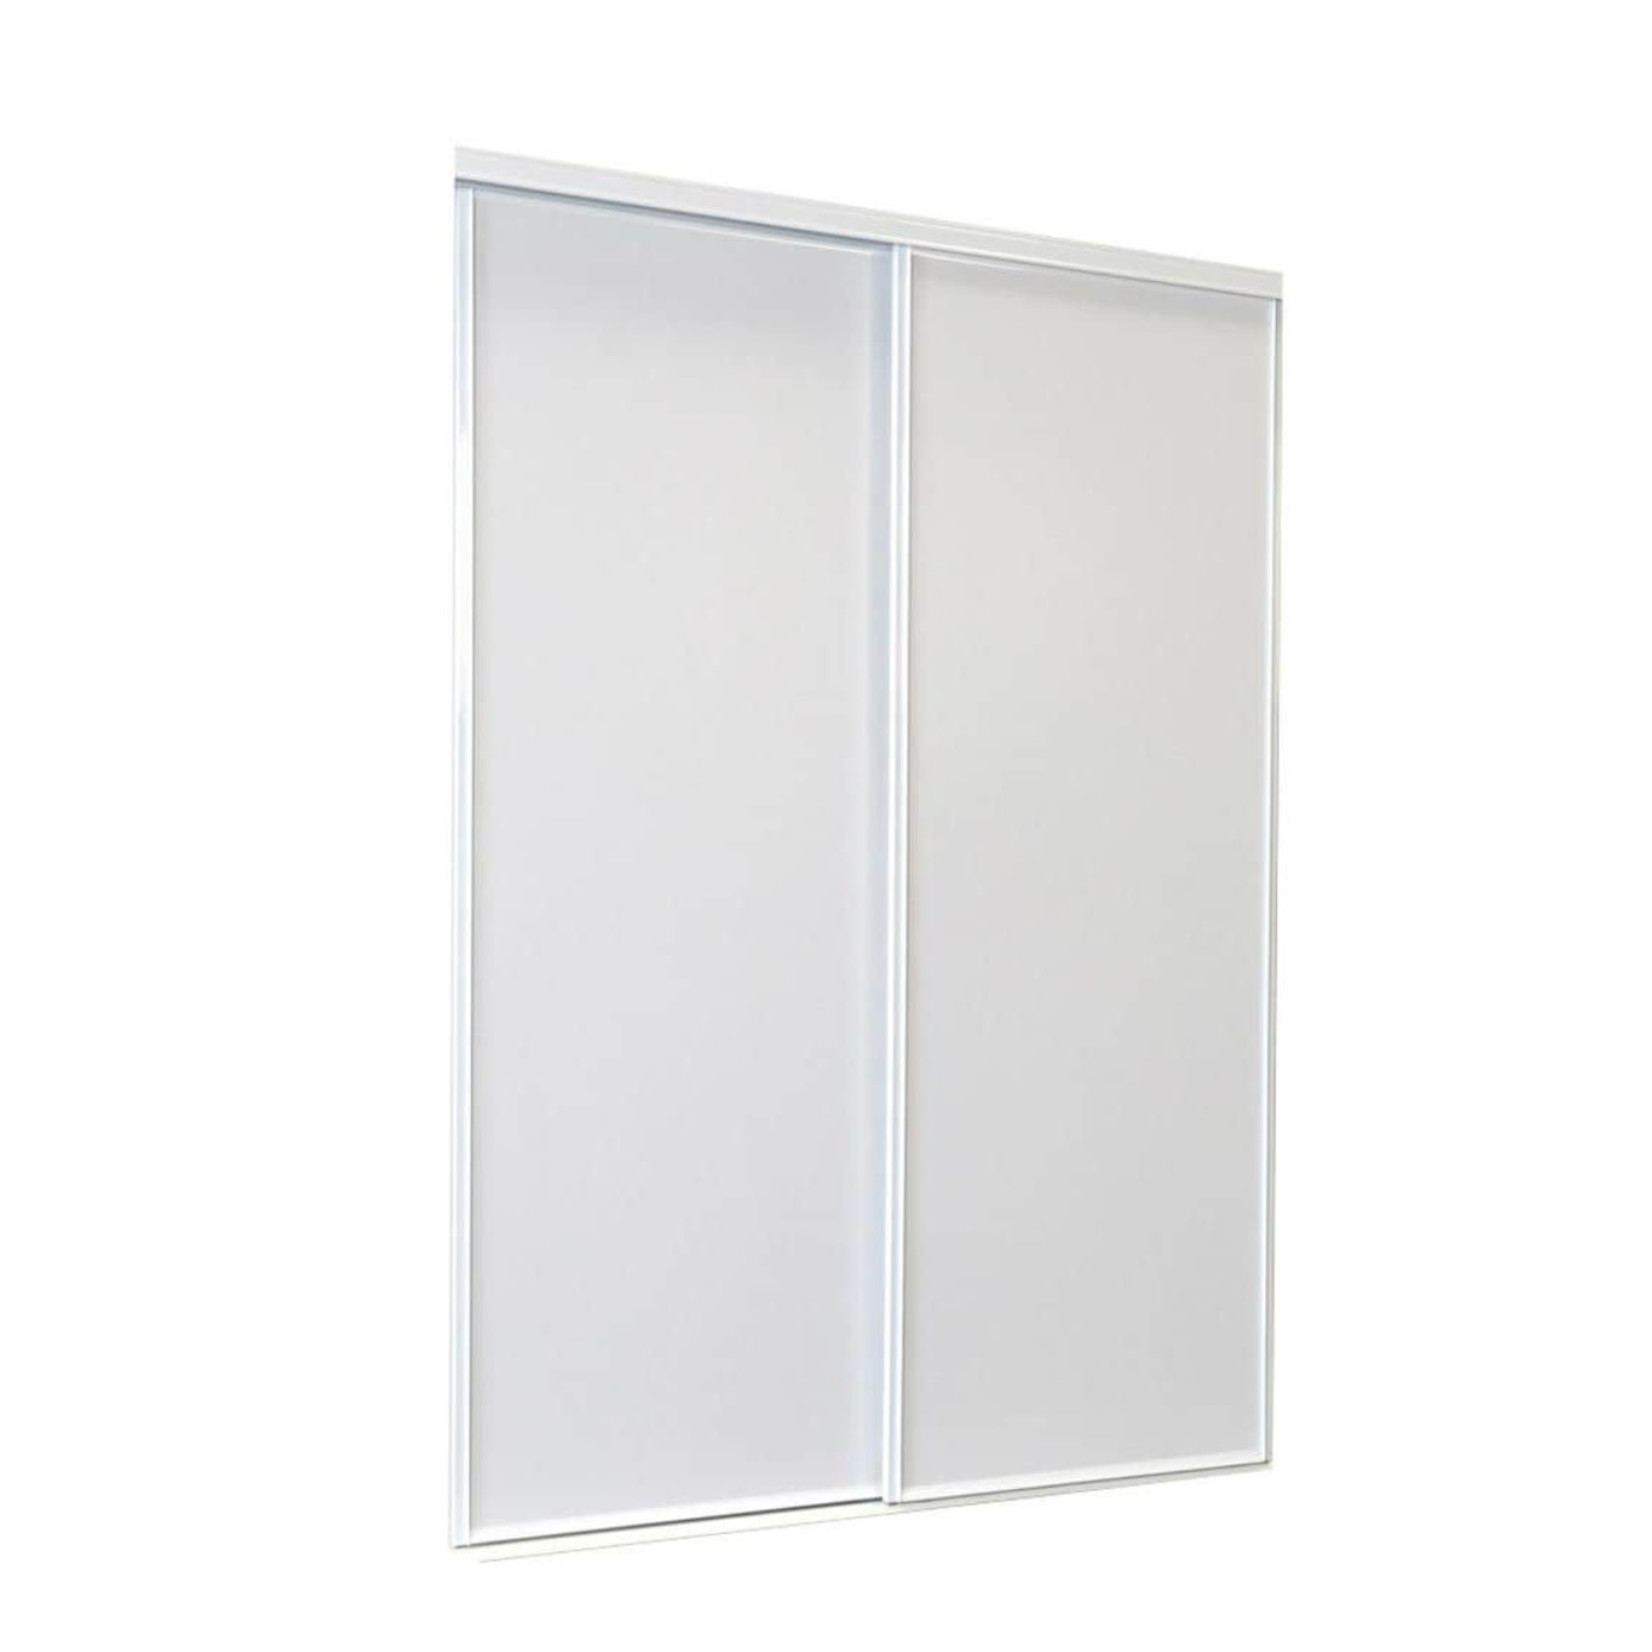 10558 White Flush Sliding Closet Door